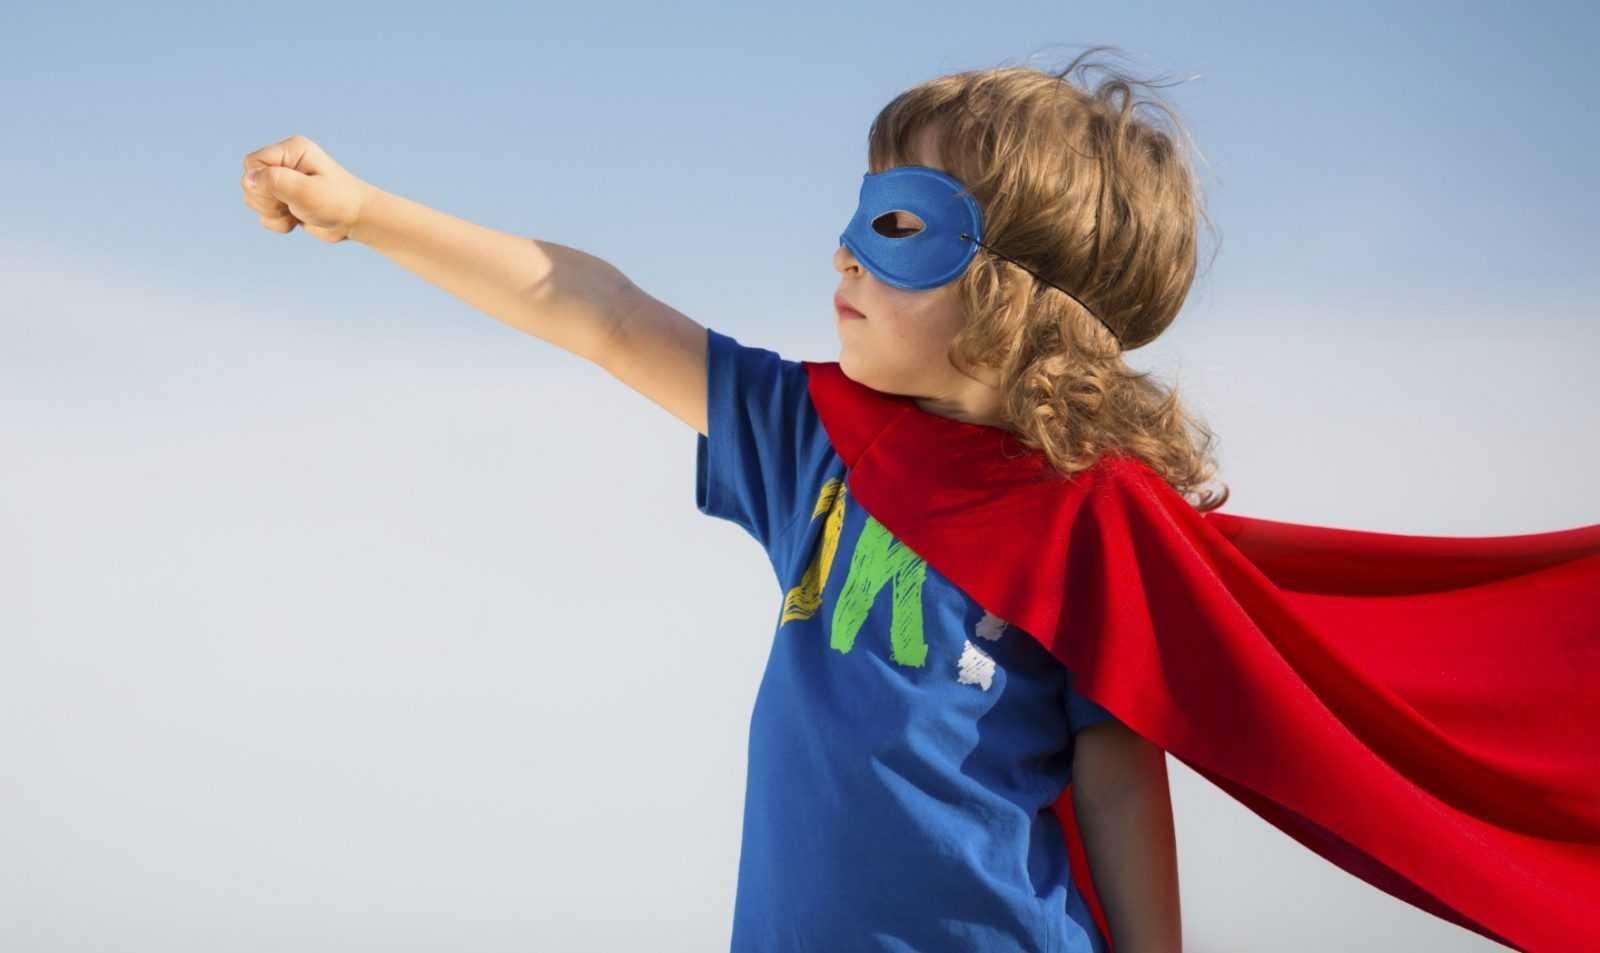 Дети-супергерои